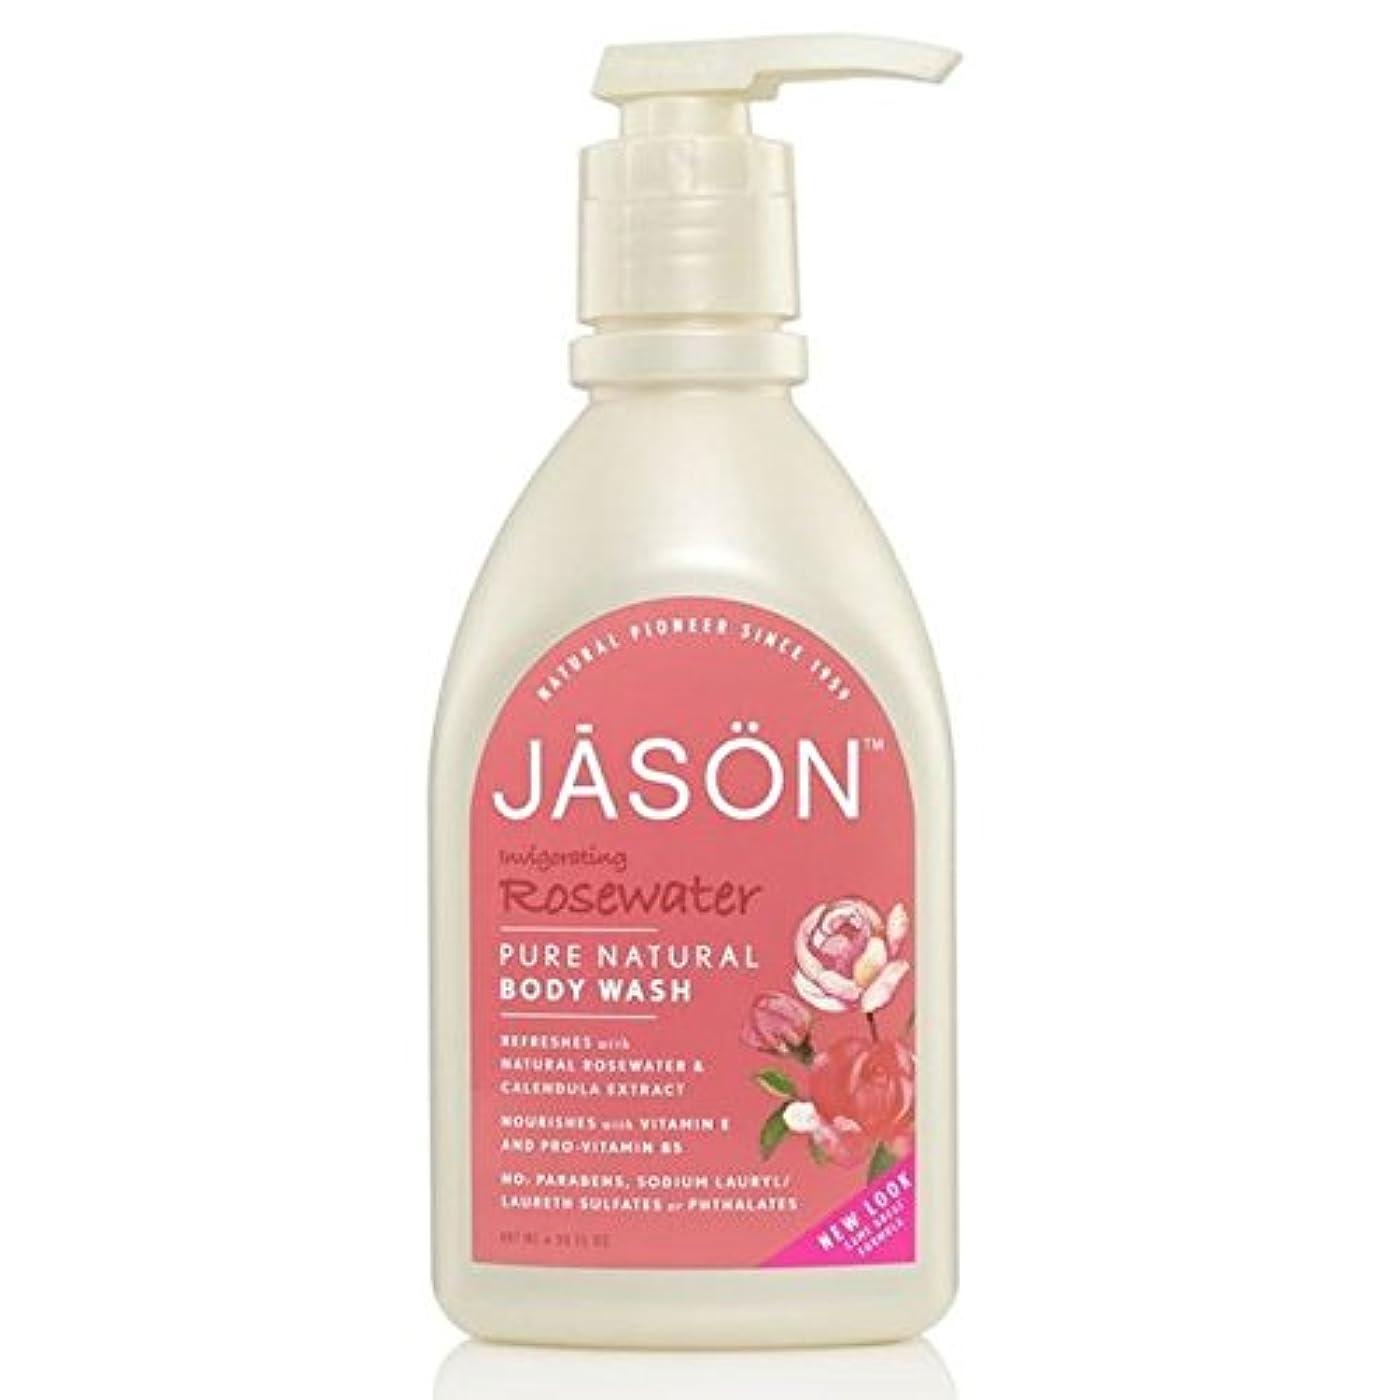 優れたの間で謝罪するJason Body Wash Rosewater Satin Shower 900ml (Pack of 6) - ジェイソン?ボディウォッシュローズウォーターサテンシャワー900ミリリットル x6 [並行輸入品]